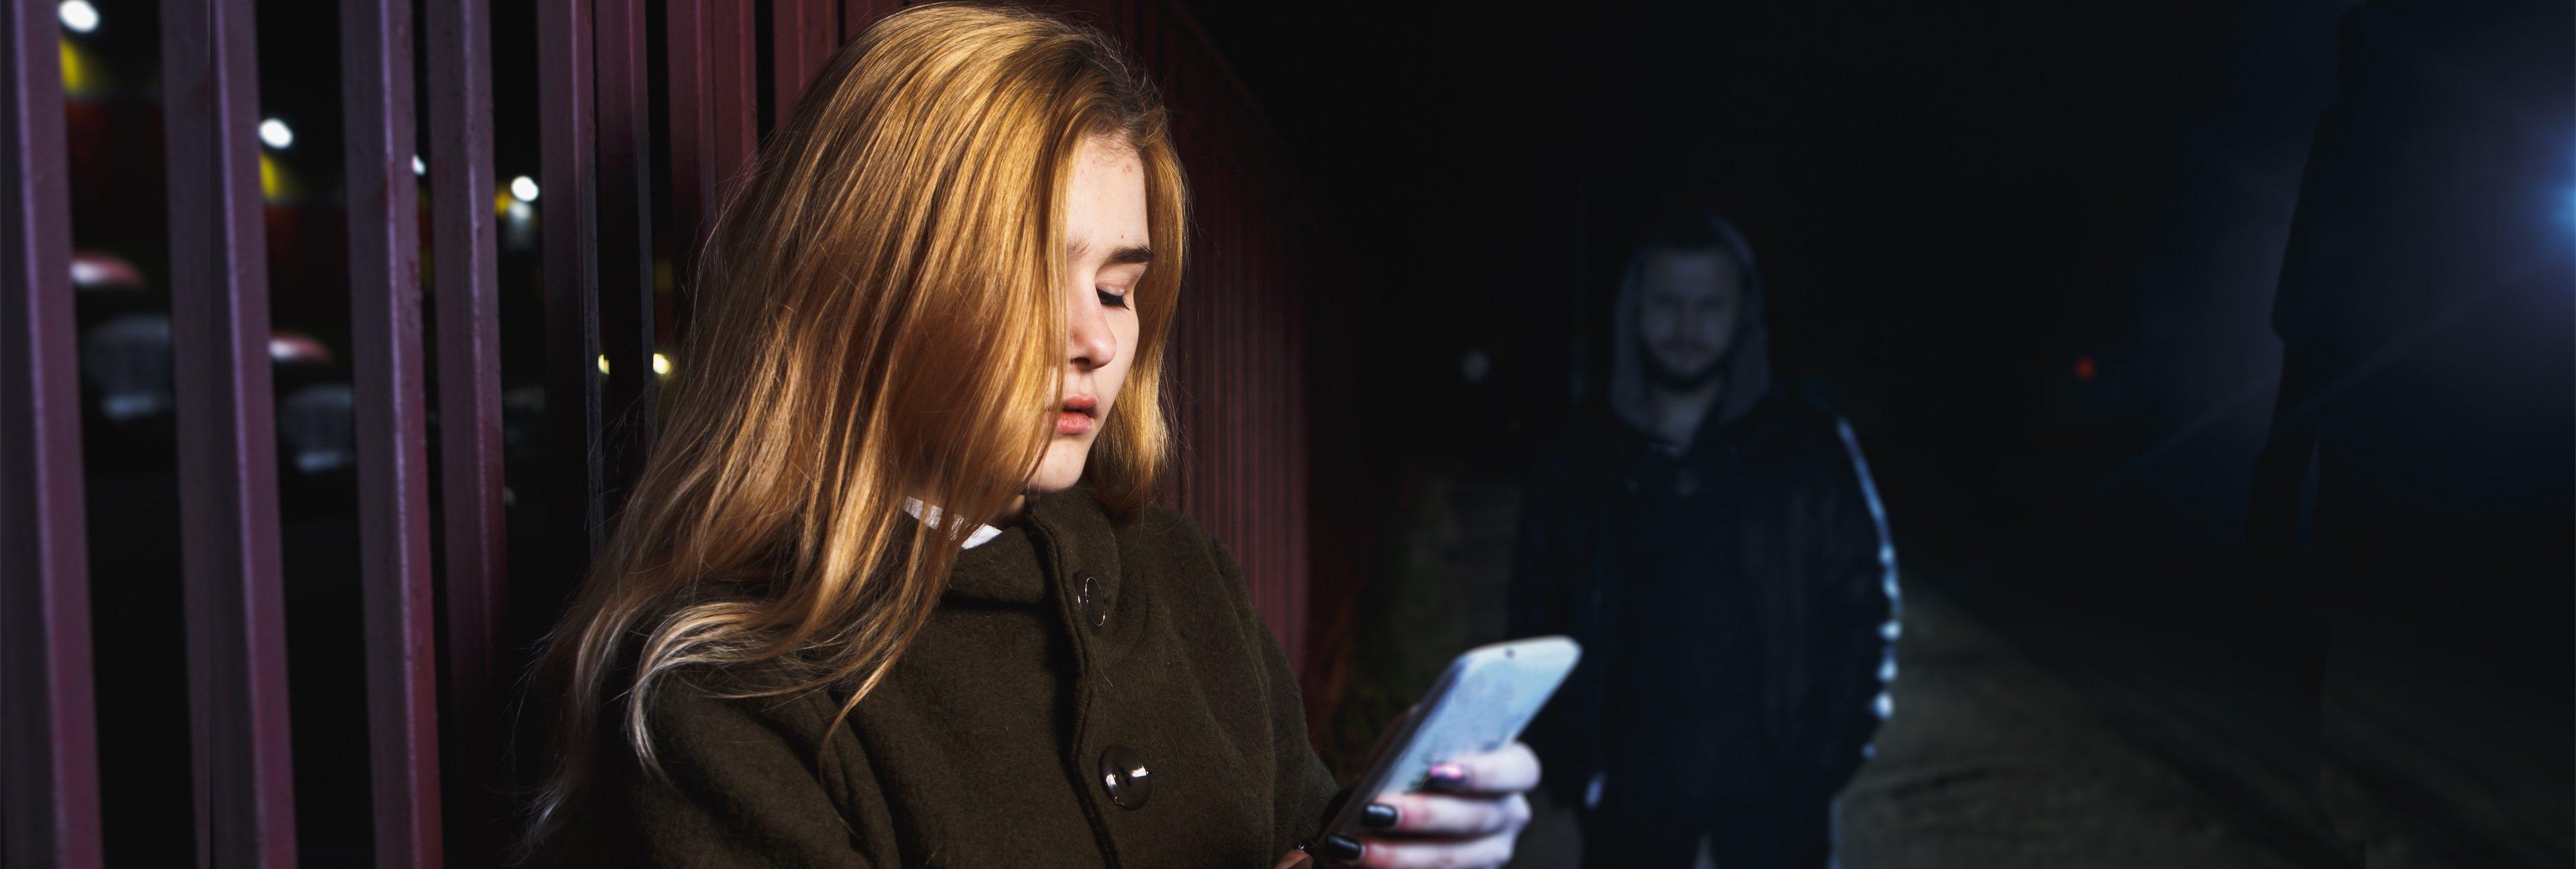 AgreStop, la aplicación móvil para denunciar agresiones sexuales al instante